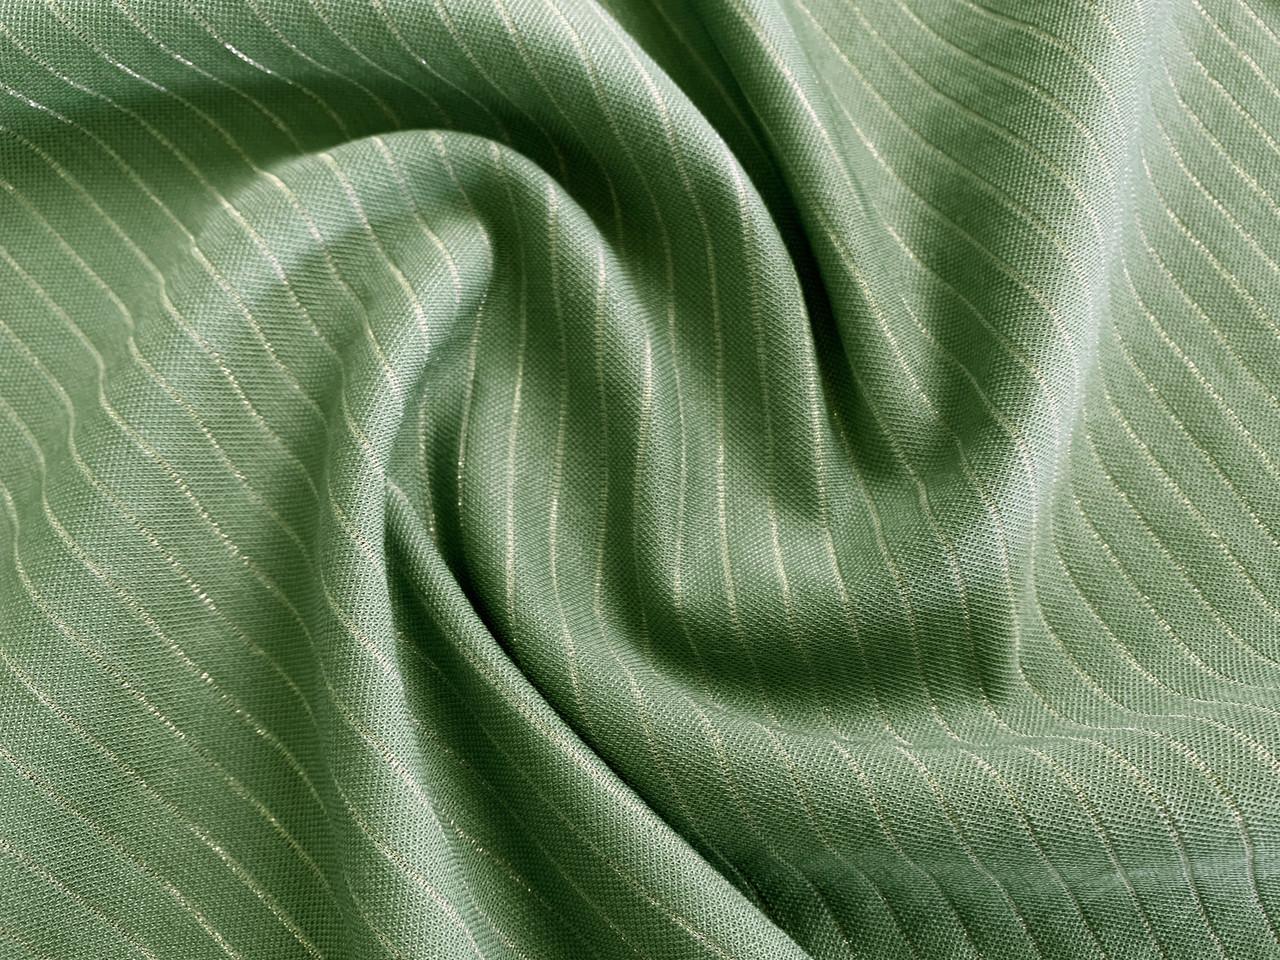 Ткань Вискозный трикотаж с нейлоном полоска с люрексом 6 мм, оливковый